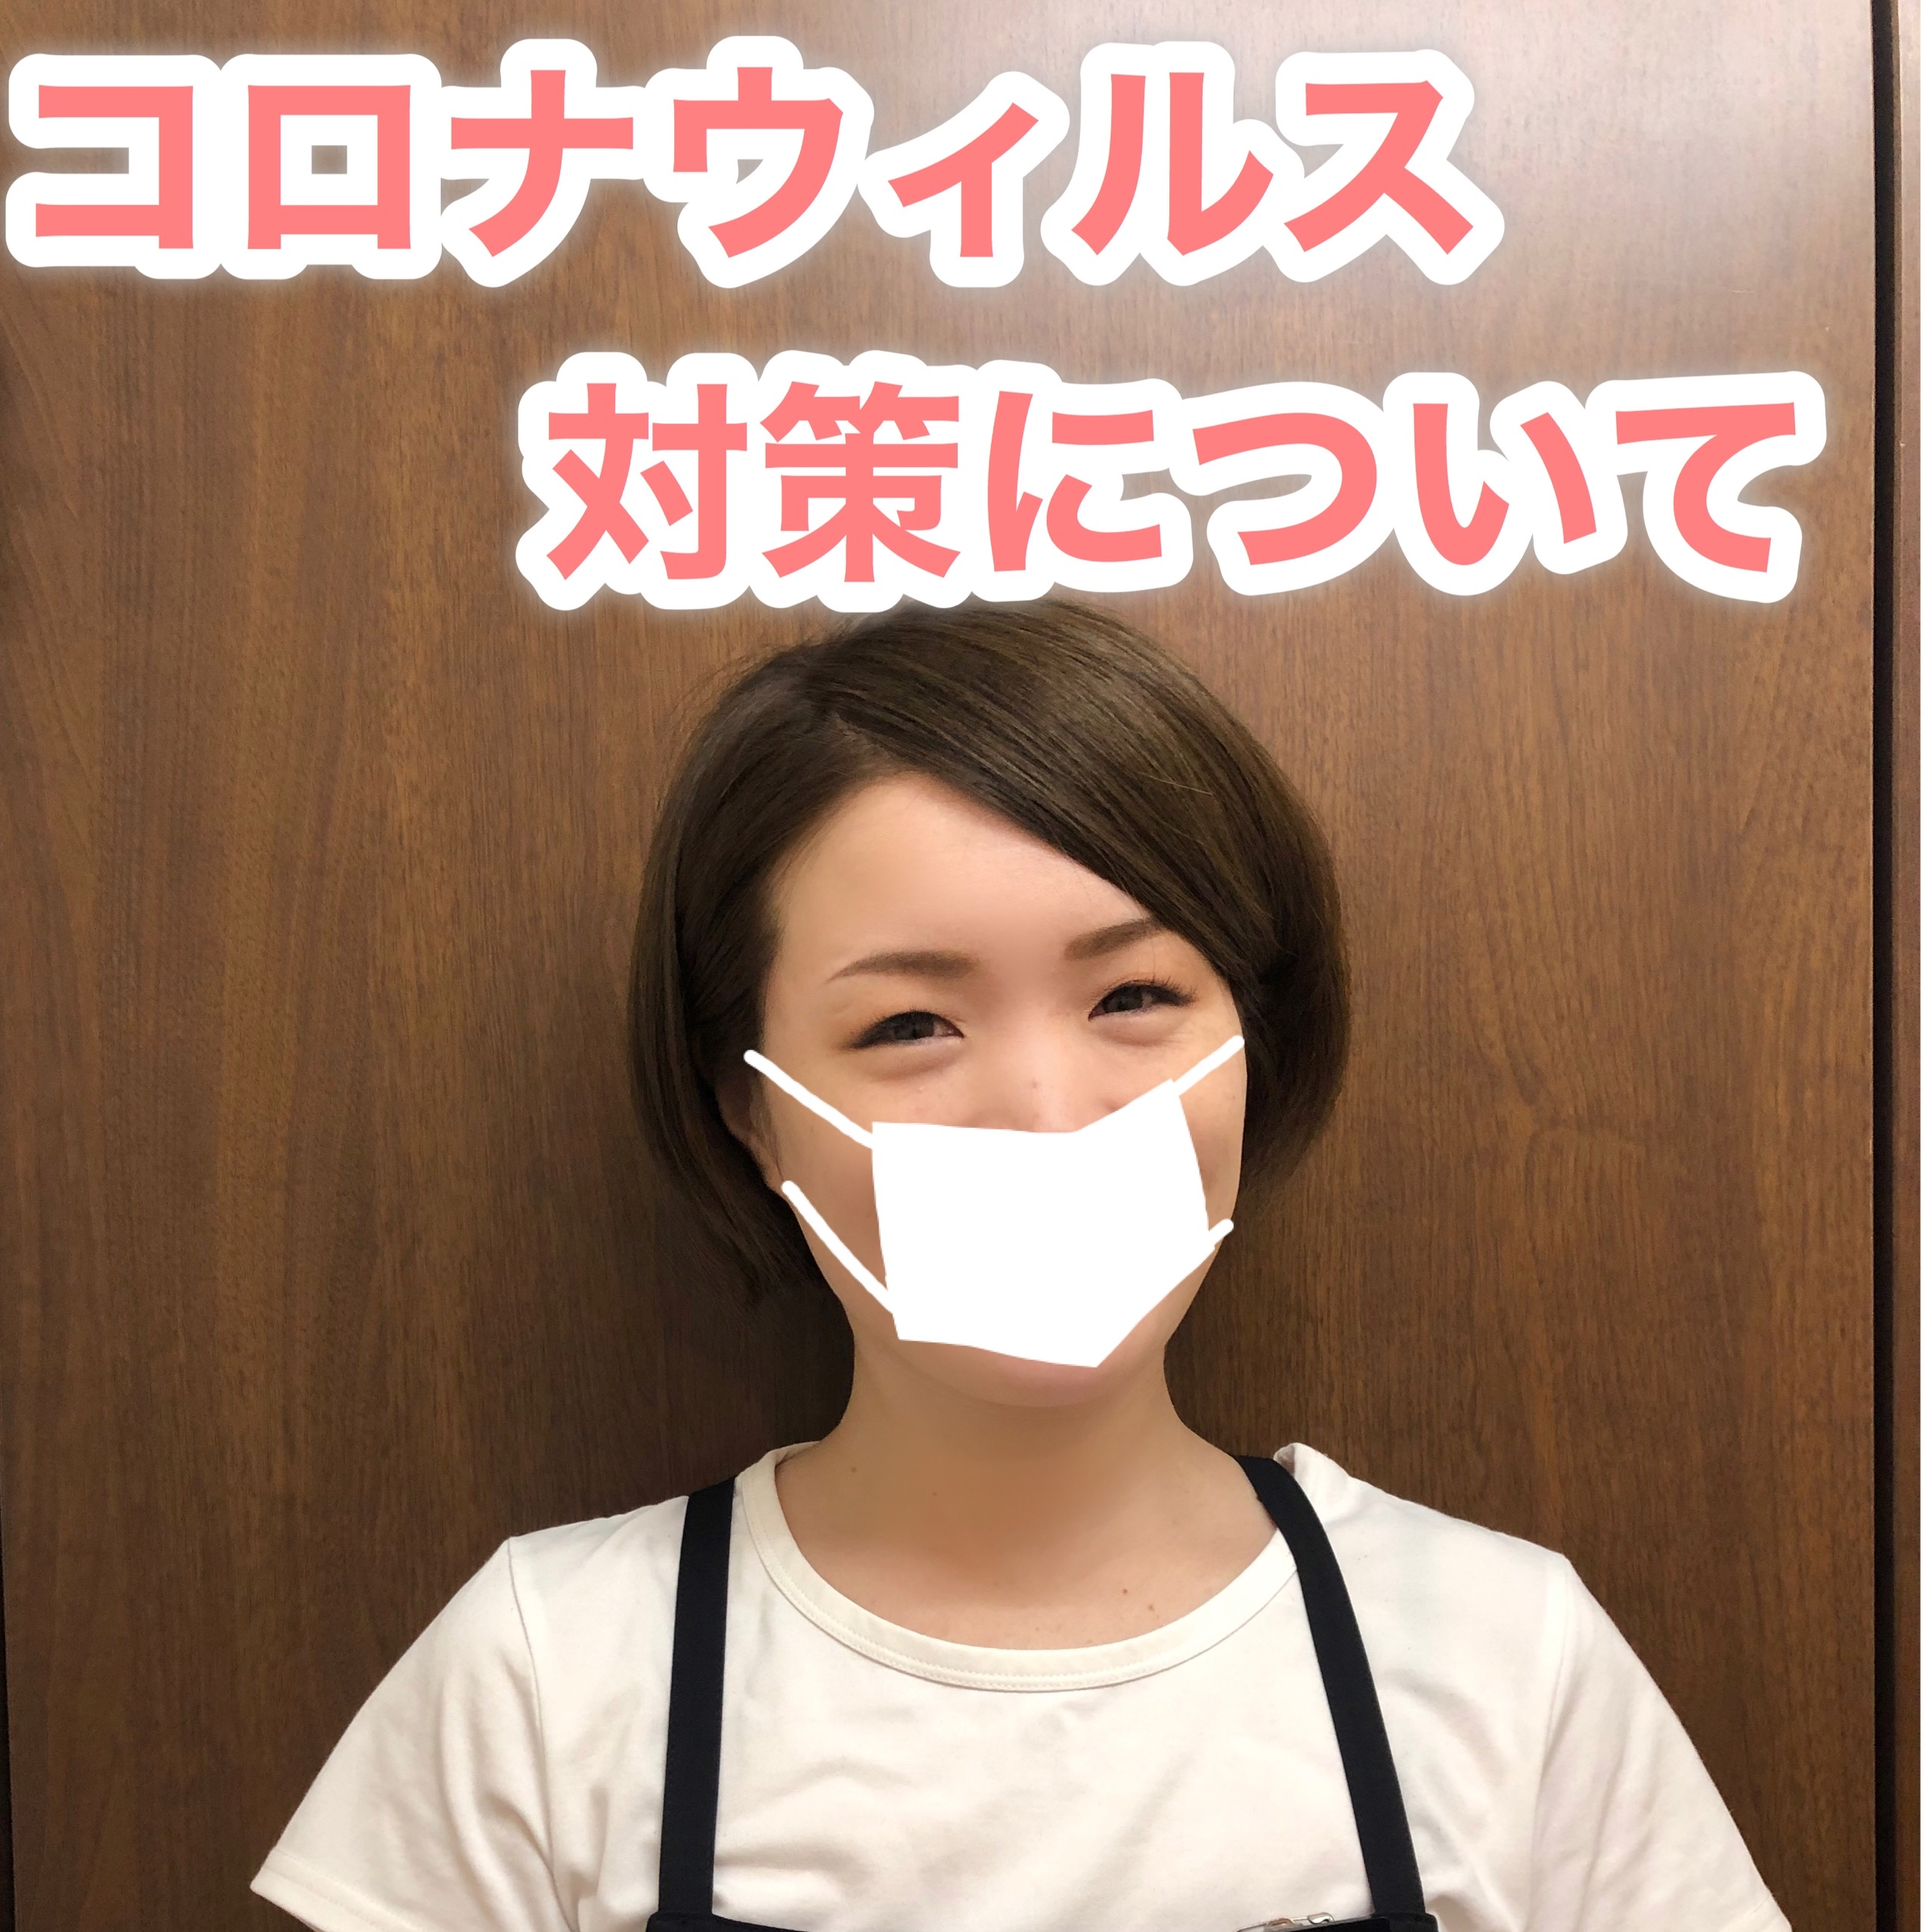 コロナウィルス対策-札幌フェリーチェグループ-エステサロン